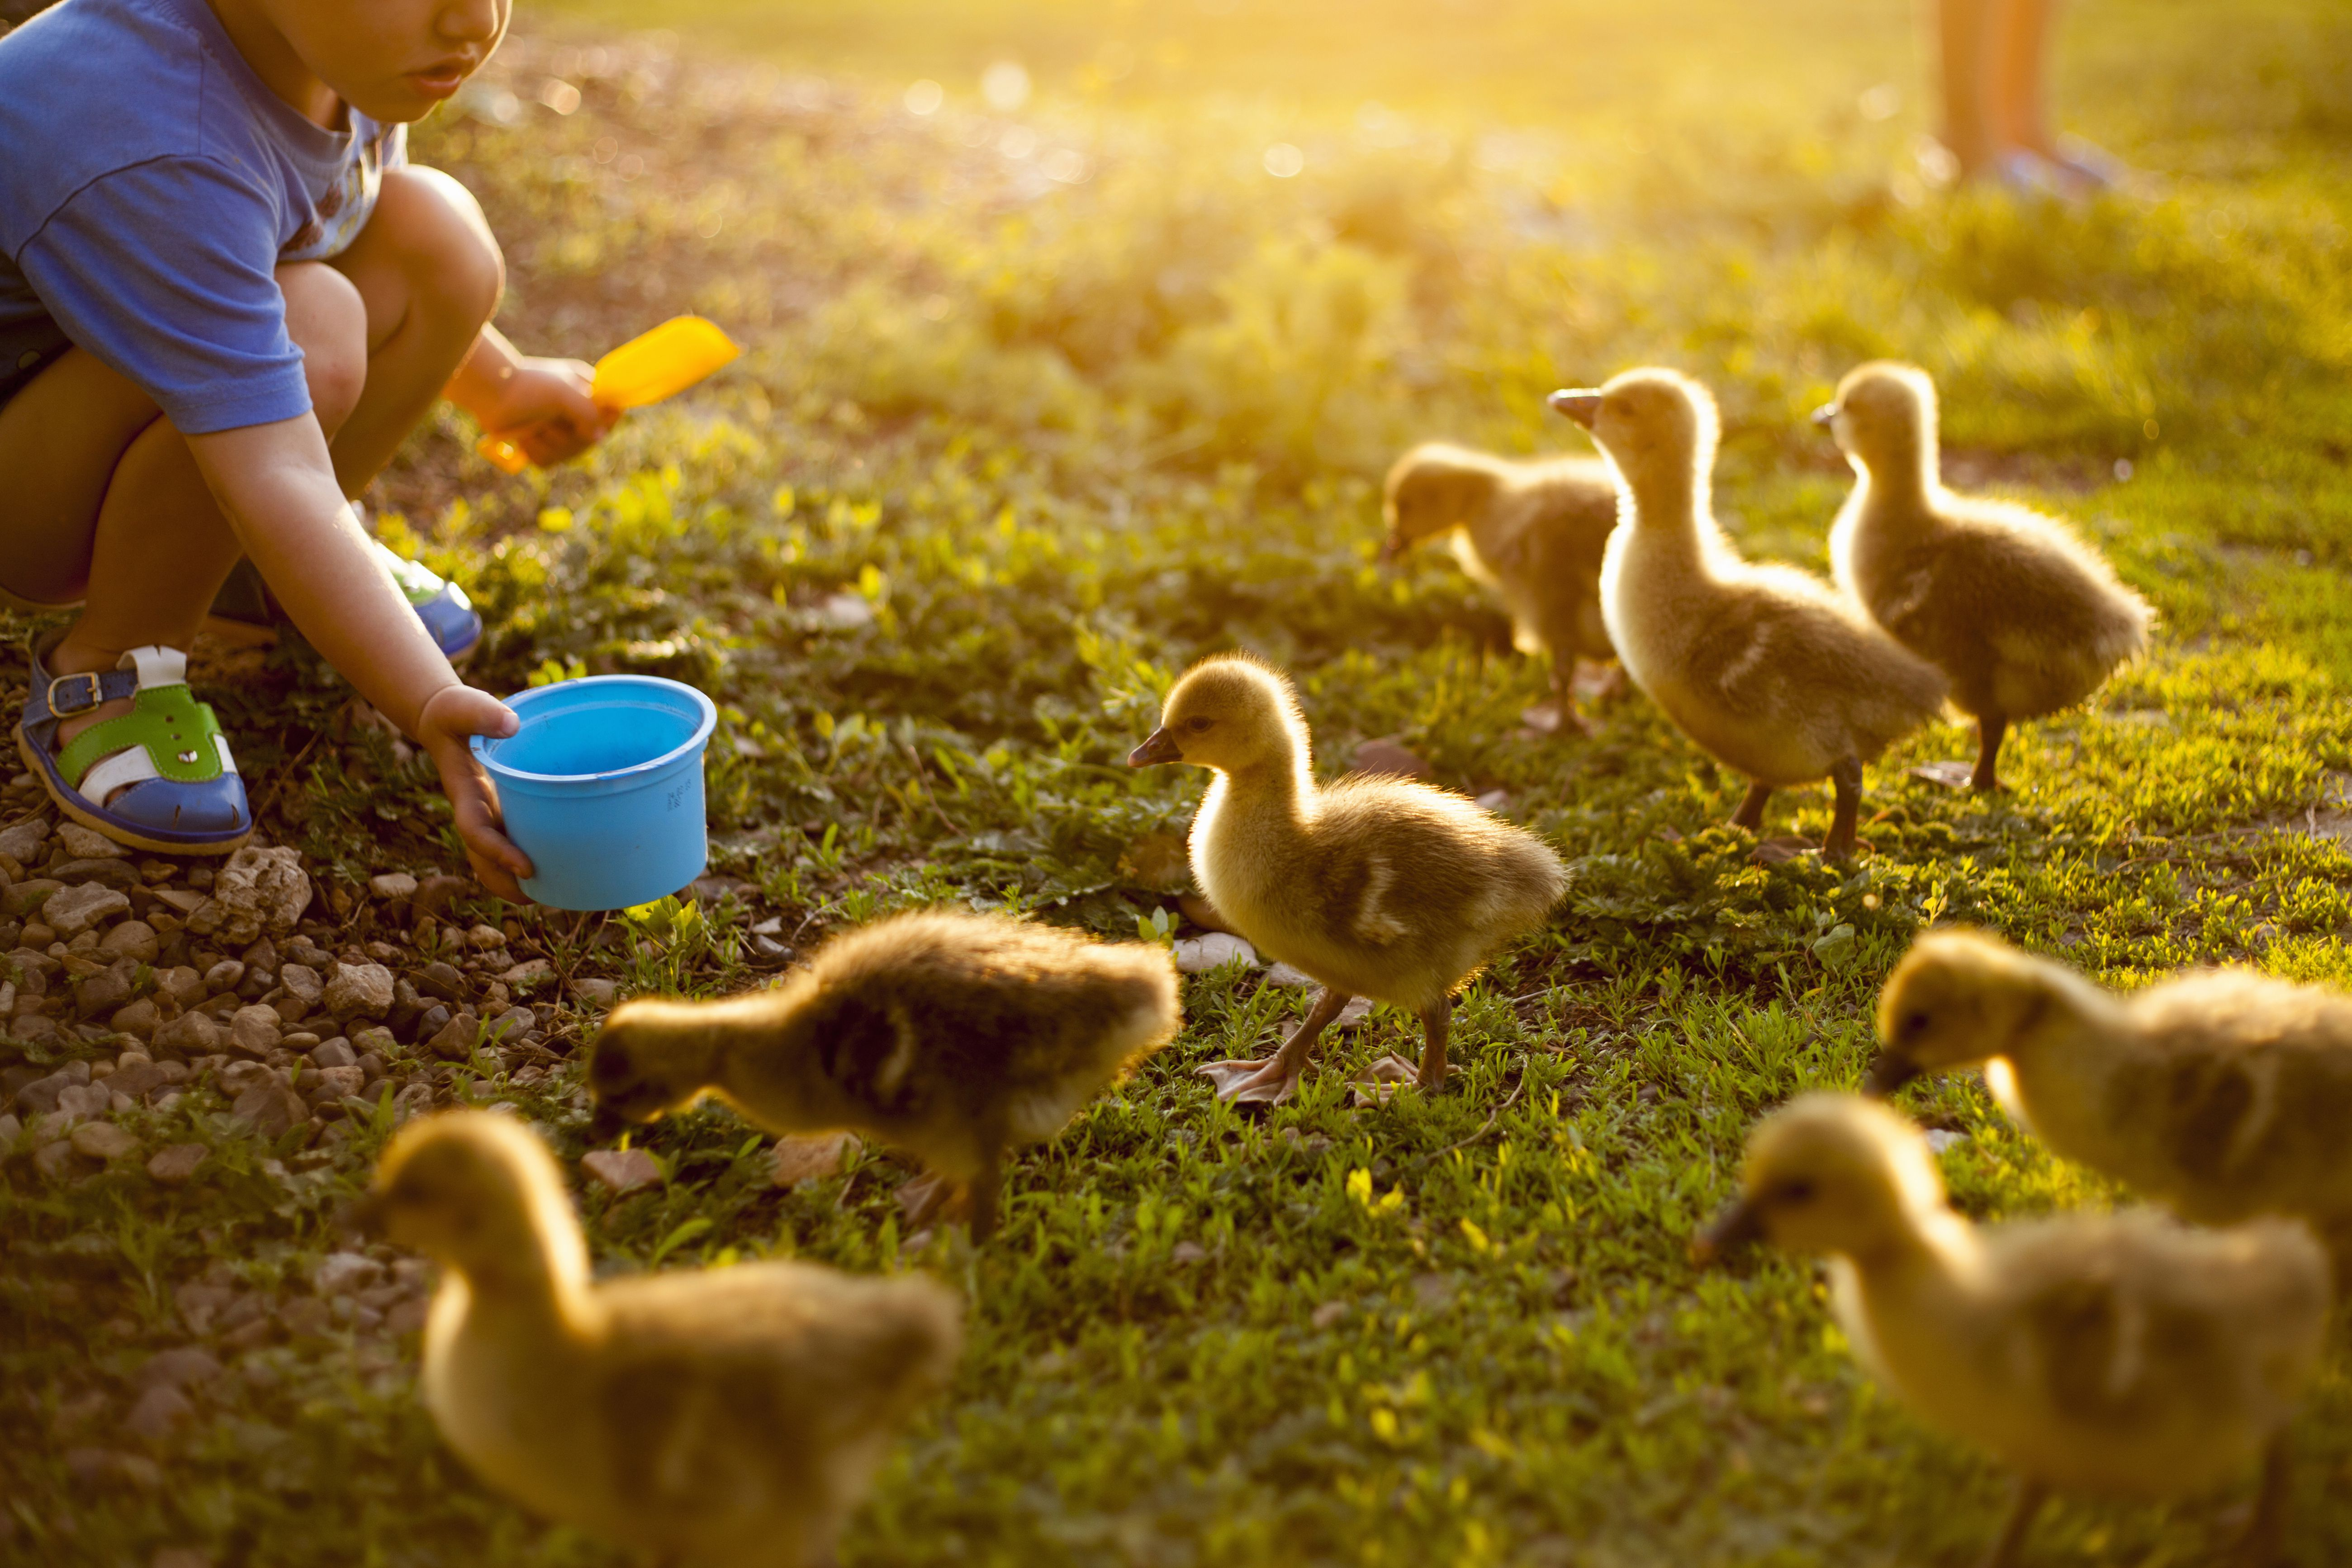 A child feeding ducks on a farm